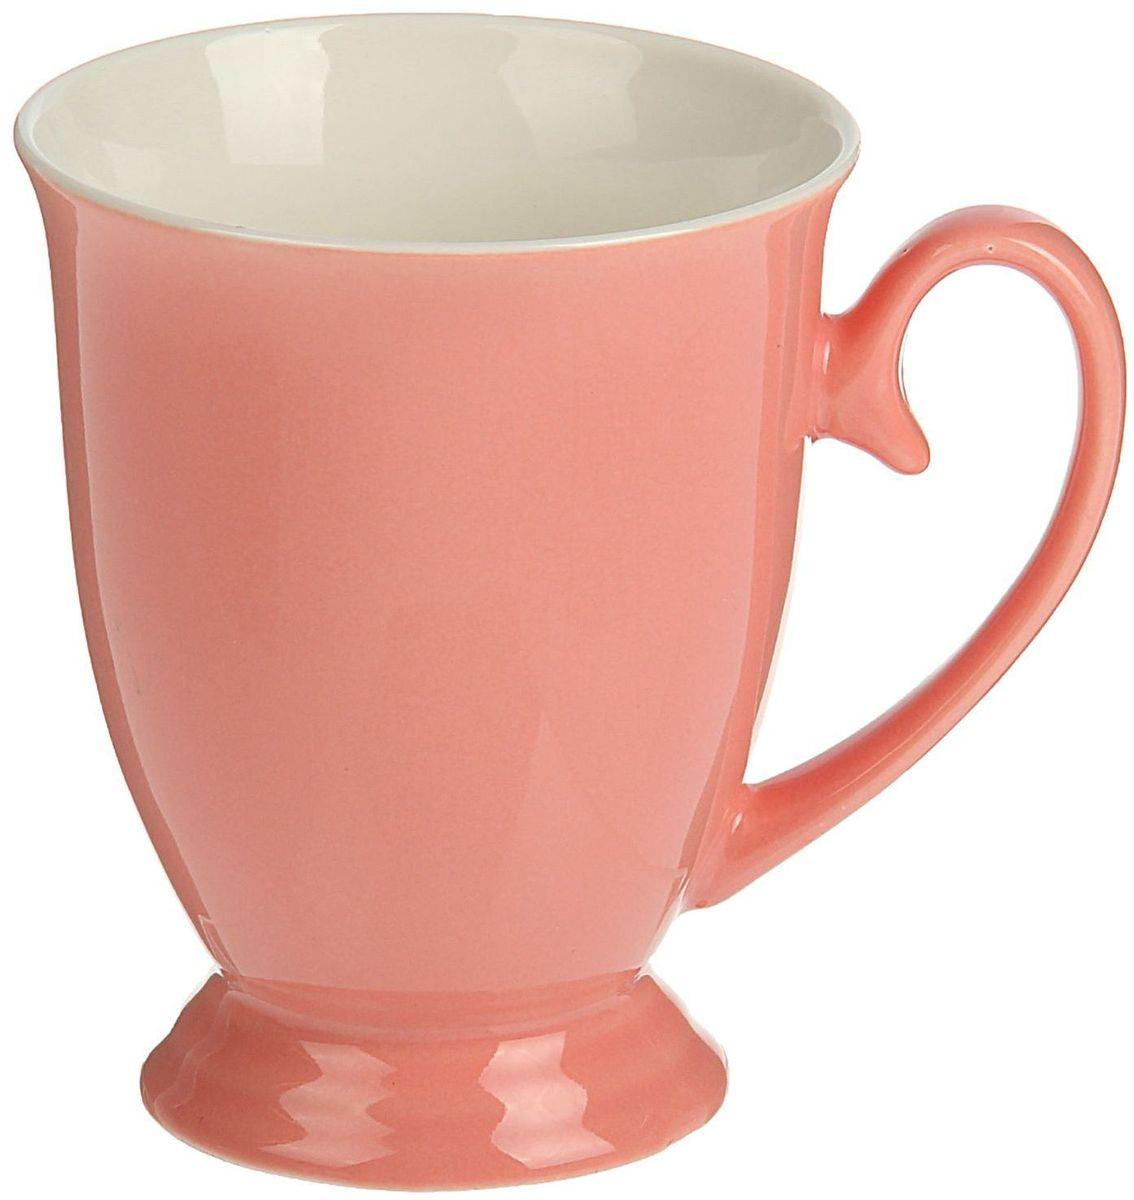 Кружка Доляна Венеция, цвет: розовый, 300 млVT-1520(SR)Хотите обновить интерьер кухни или гостиной? Устраиваете необычную фотосессию или тематический праздник? А может, просто ищете подарок для близкого человека?Кружка станет любимым аксессуаром на долгие годы. Относитесь к изделию бережно, и оно будет дарить прекрасное настроение каждый день!